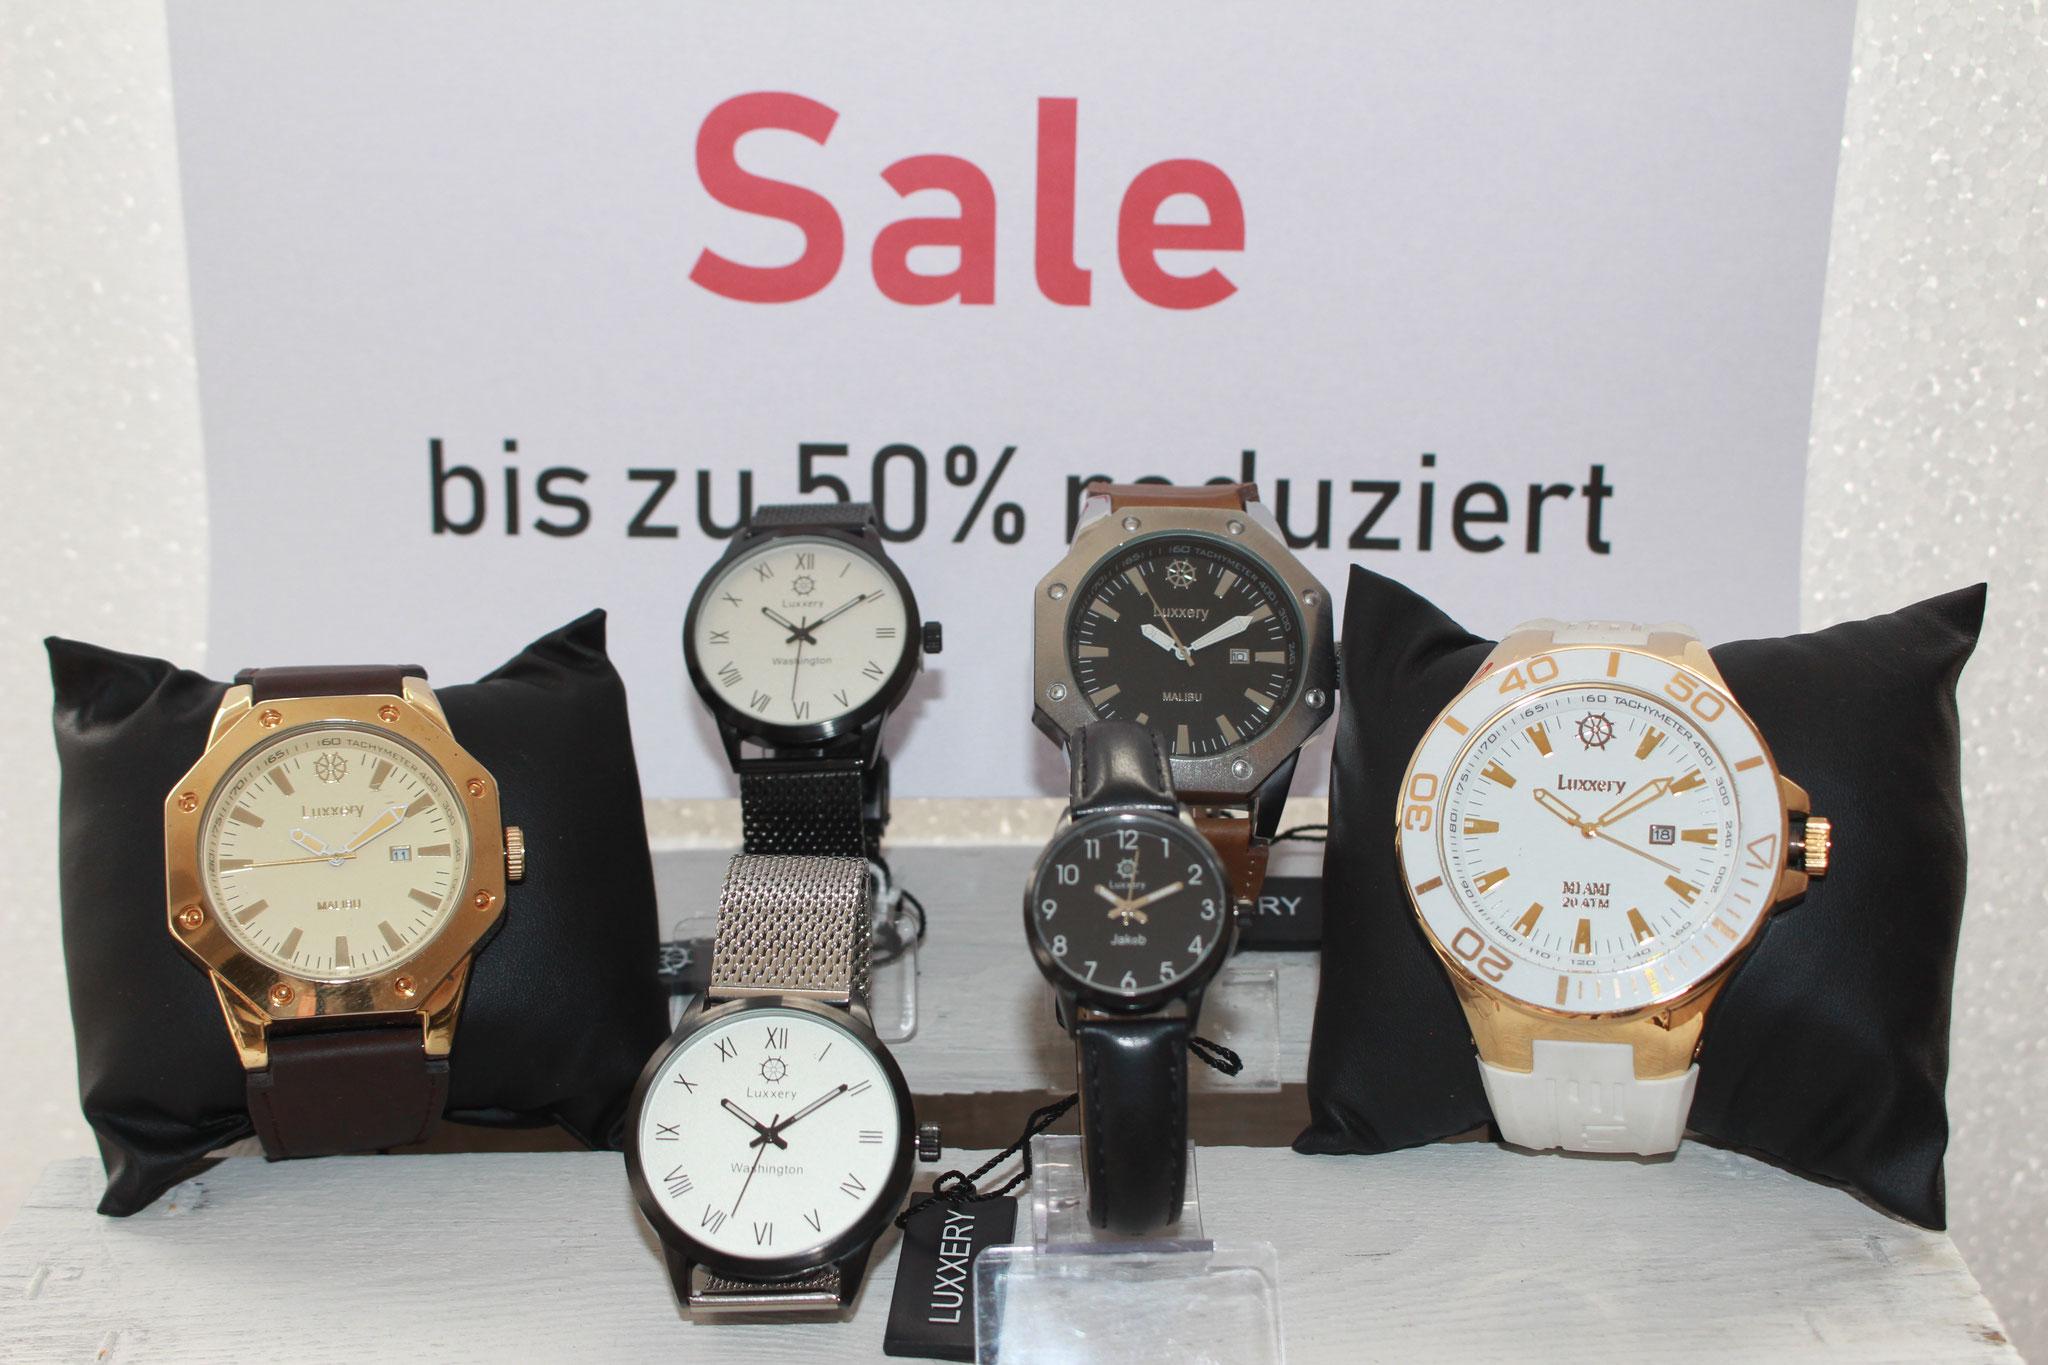 SALE - Uhren der Marke LUXXERY bis zu 50% reduziert